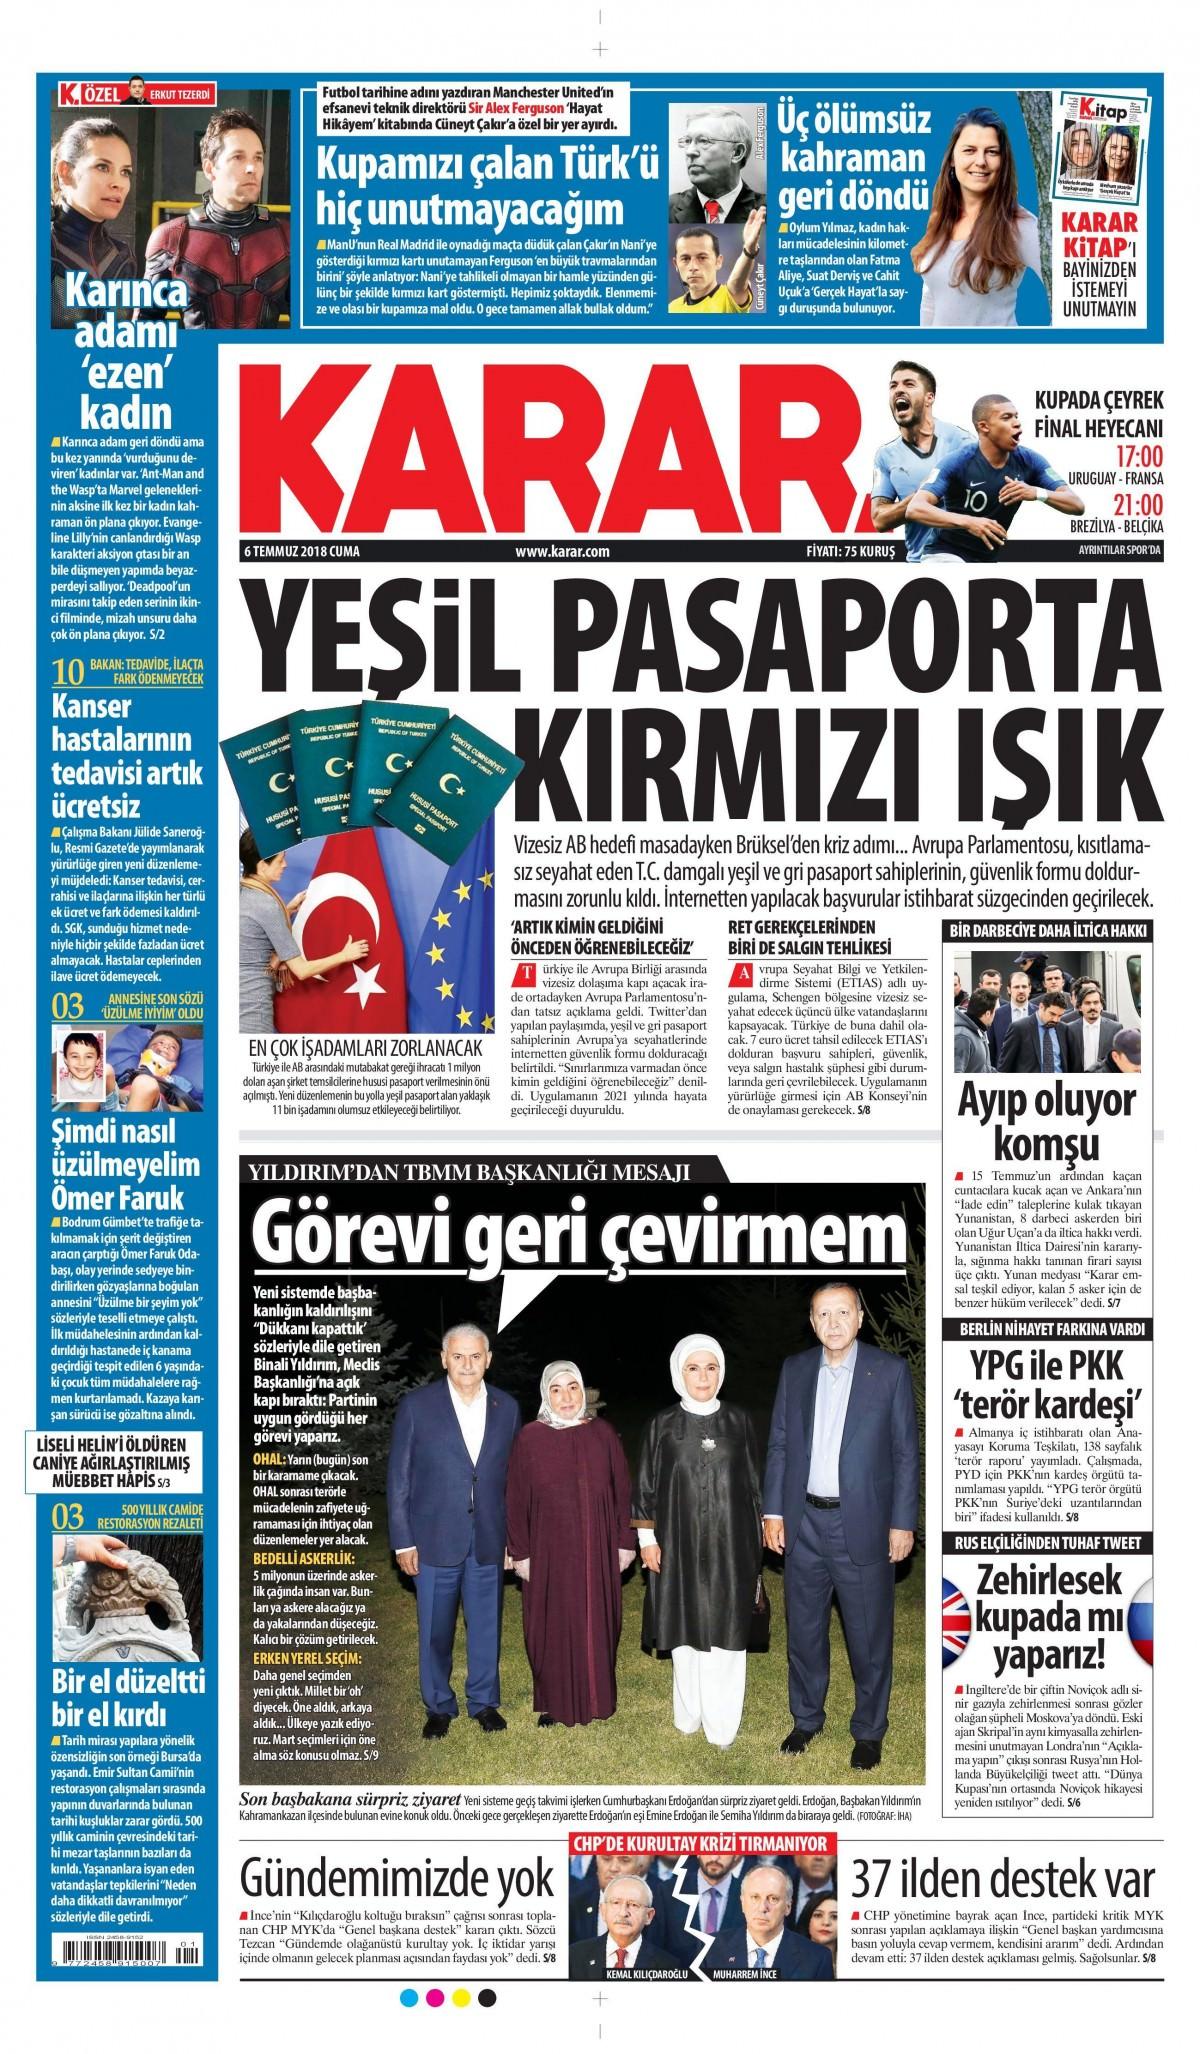 Karar Gazetesi İlk Sayfası